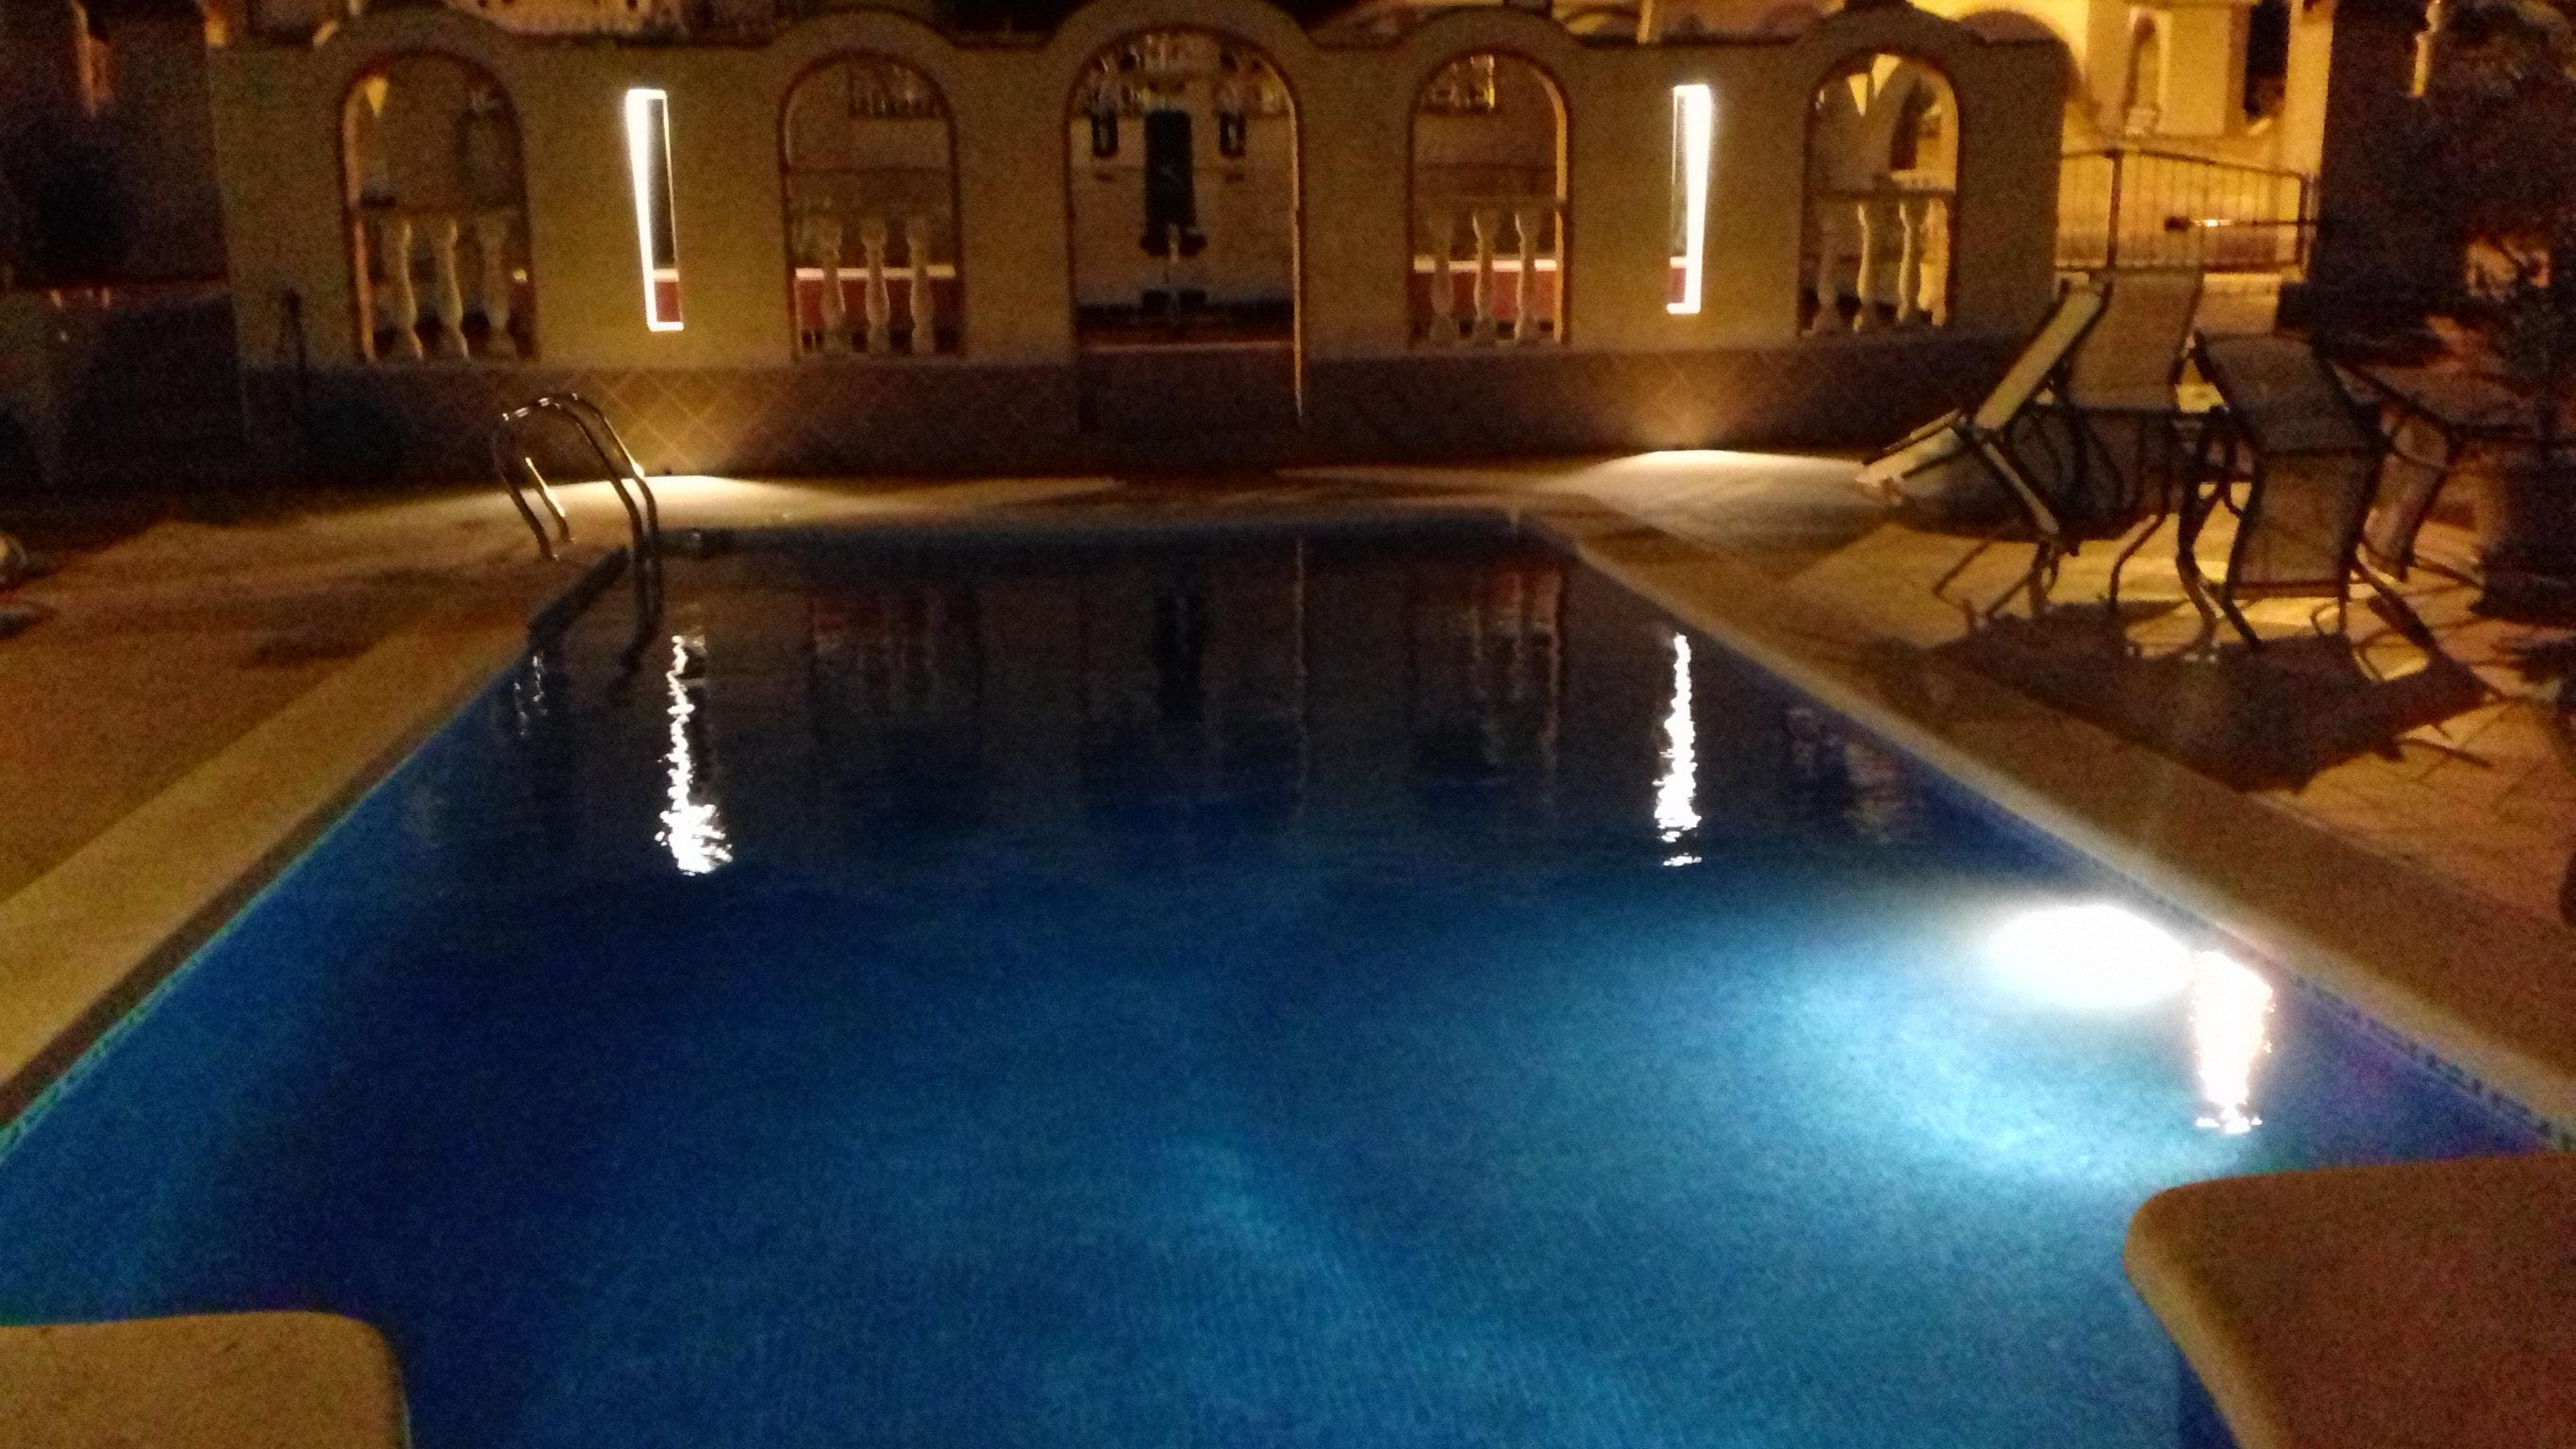 Maison de vacances Villa mit 2 Schlafzimmern in Mazarrón mit toller Aussicht auf die Berge, privatem Pool, ei (2632538), Mazarron, Costa Calida, Murcie, Espagne, image 23